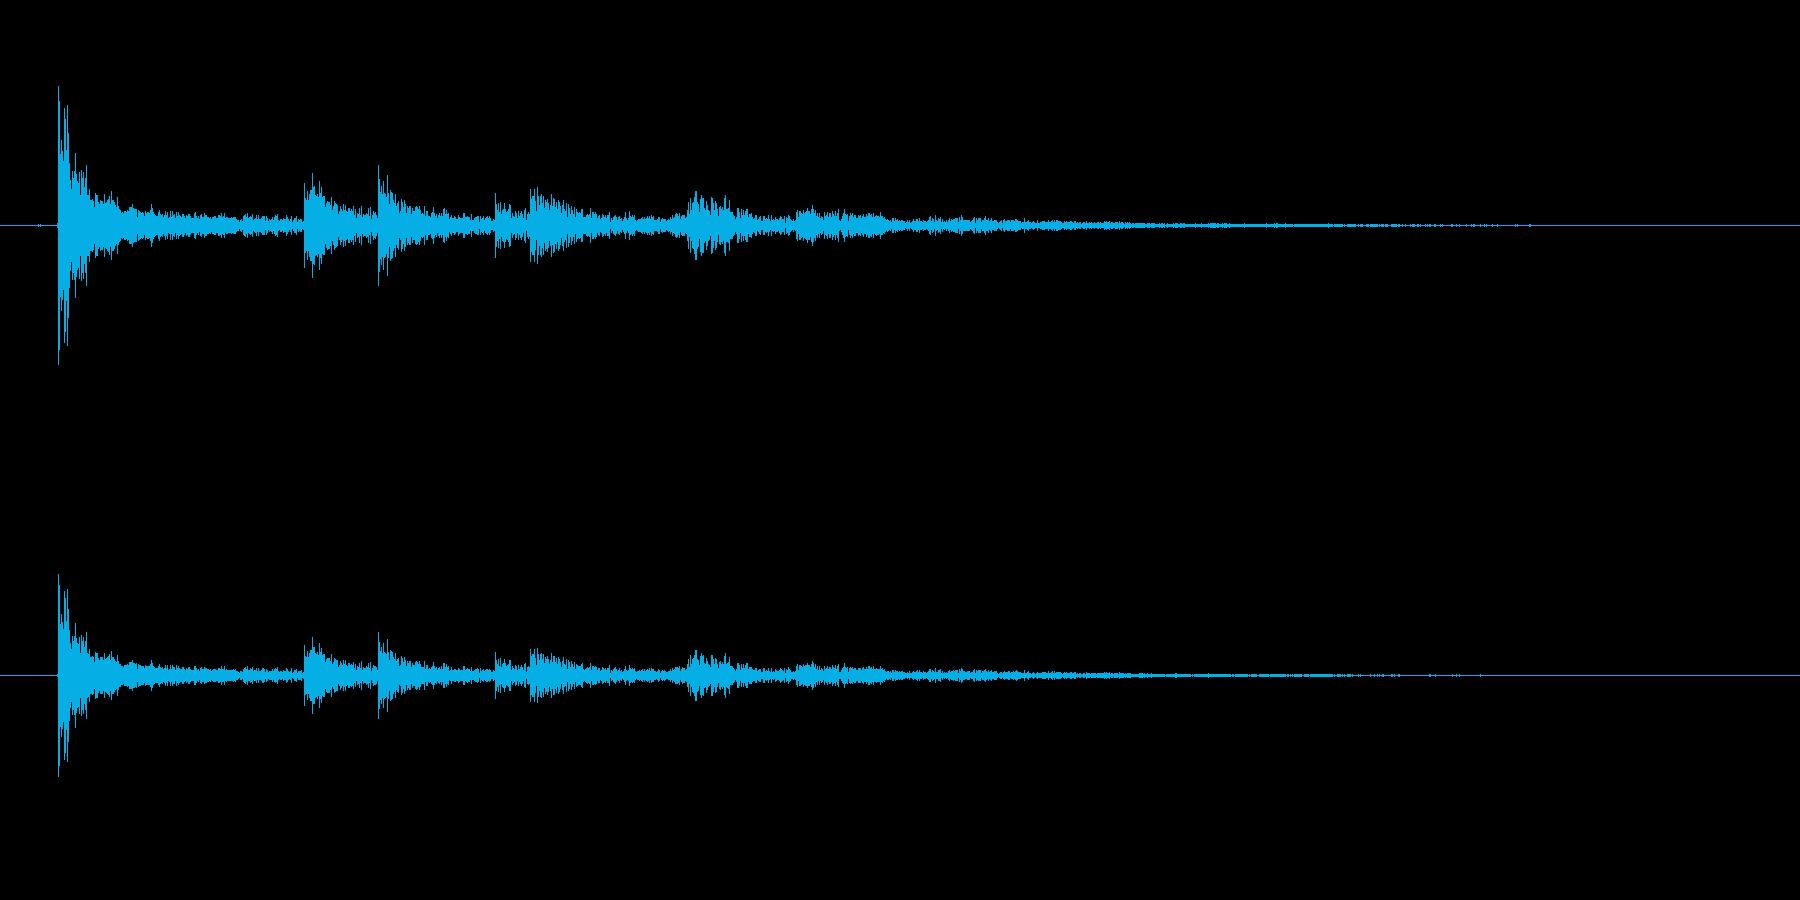 カランカラン(空き缶の転がる音)の再生済みの波形